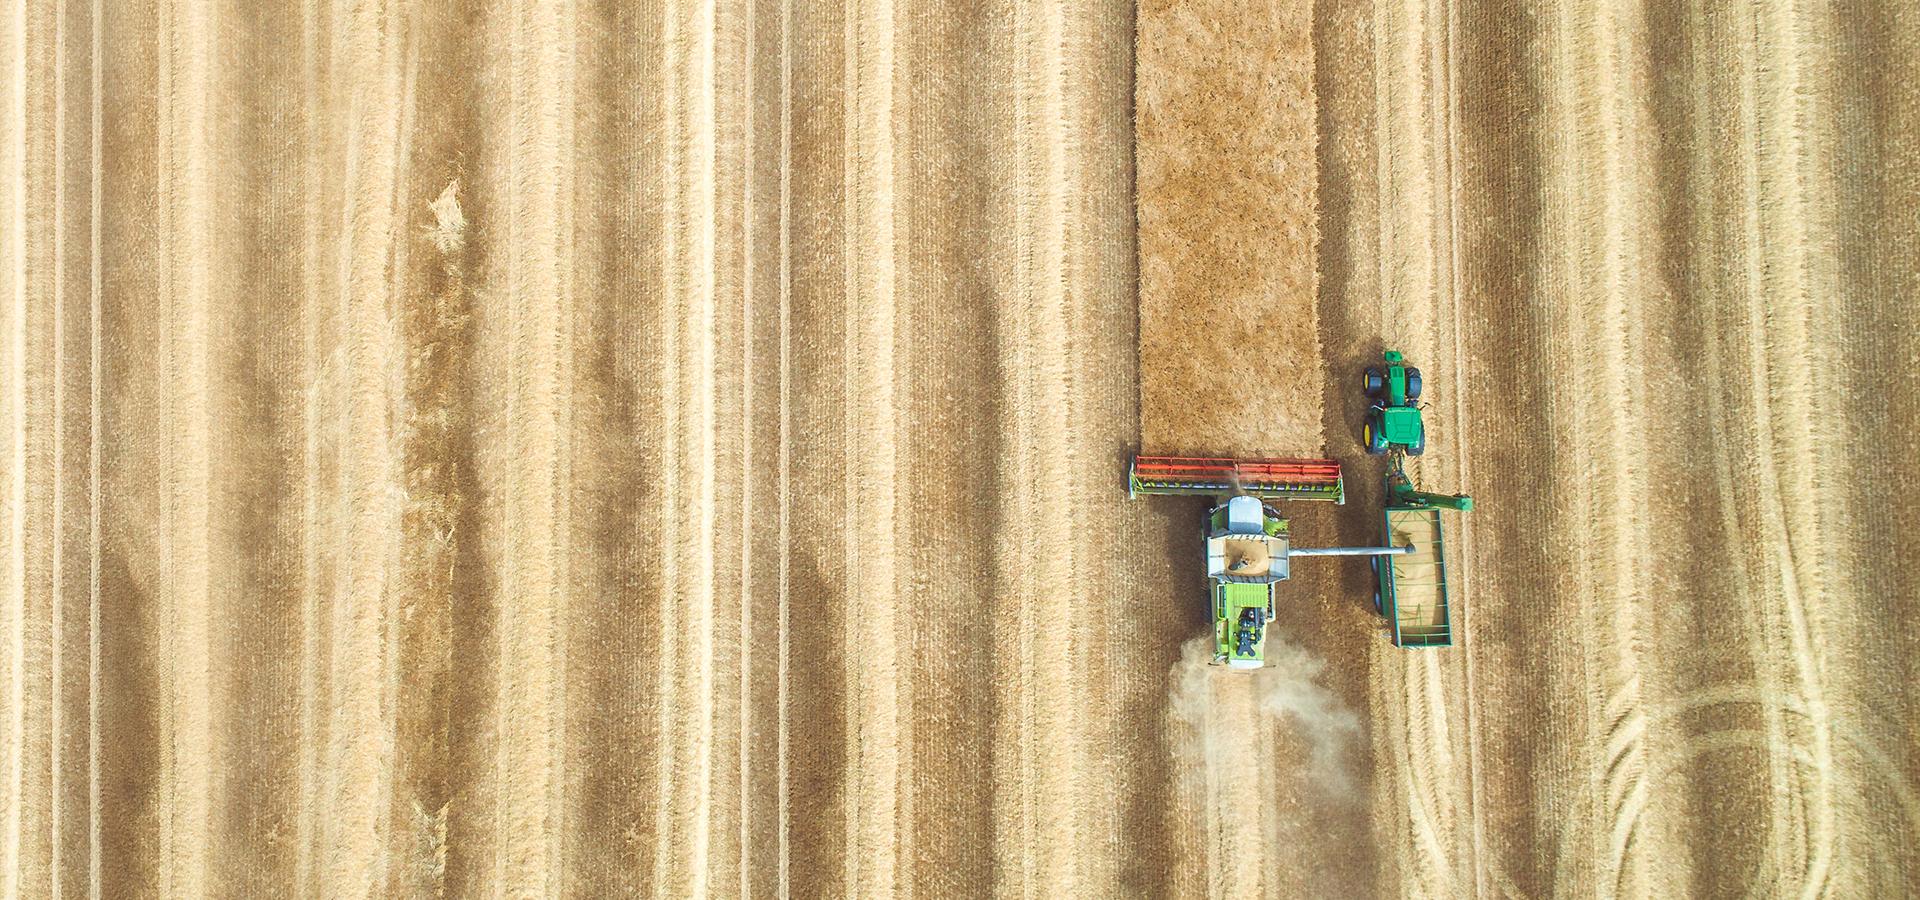 liquigas per l'agricoltura